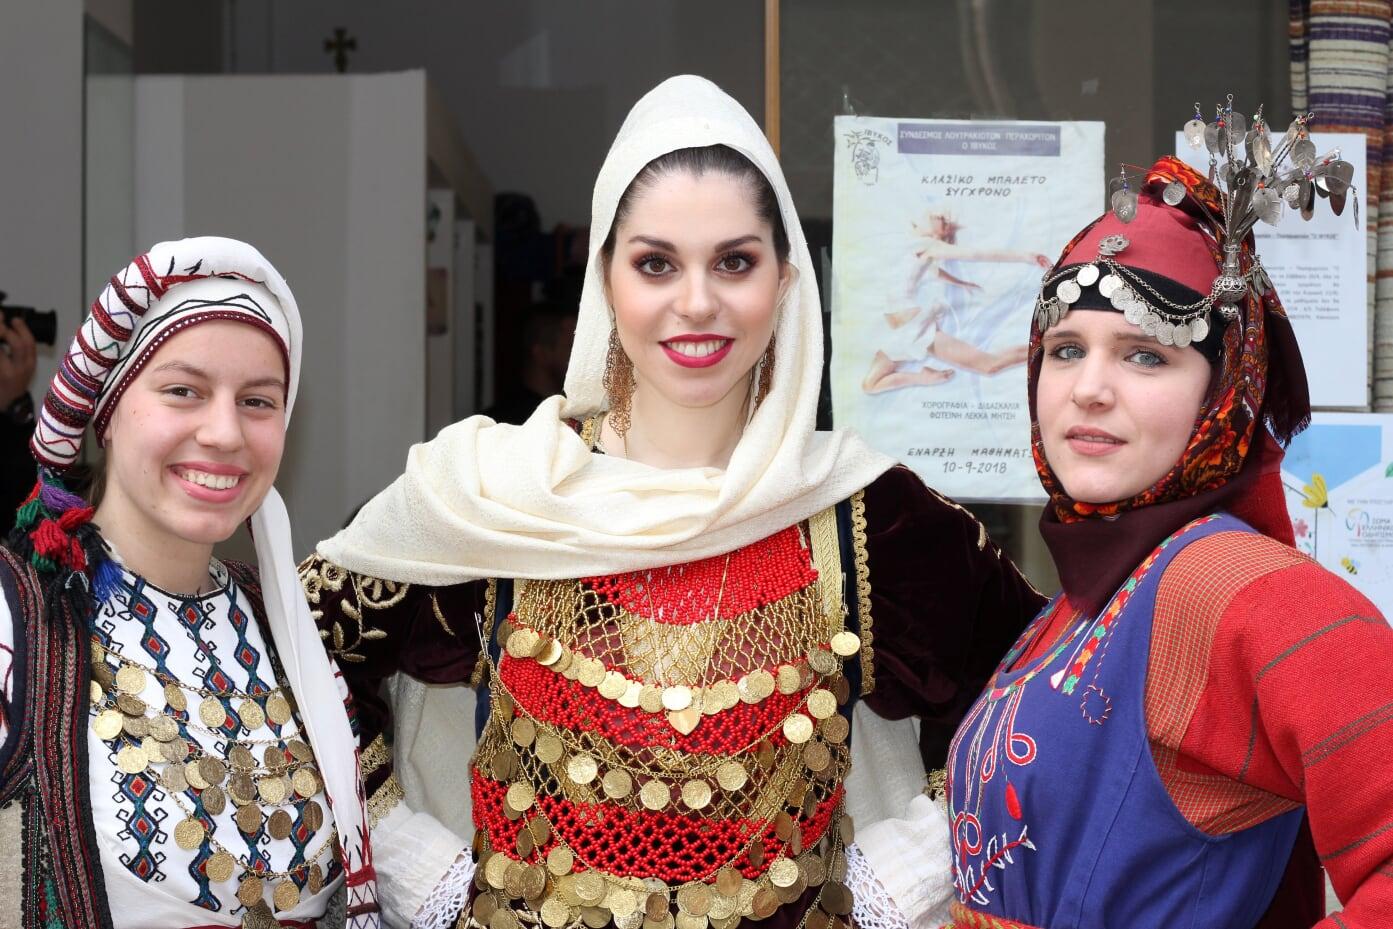 Πολιτιστικός σύλλογος Ίβυκος